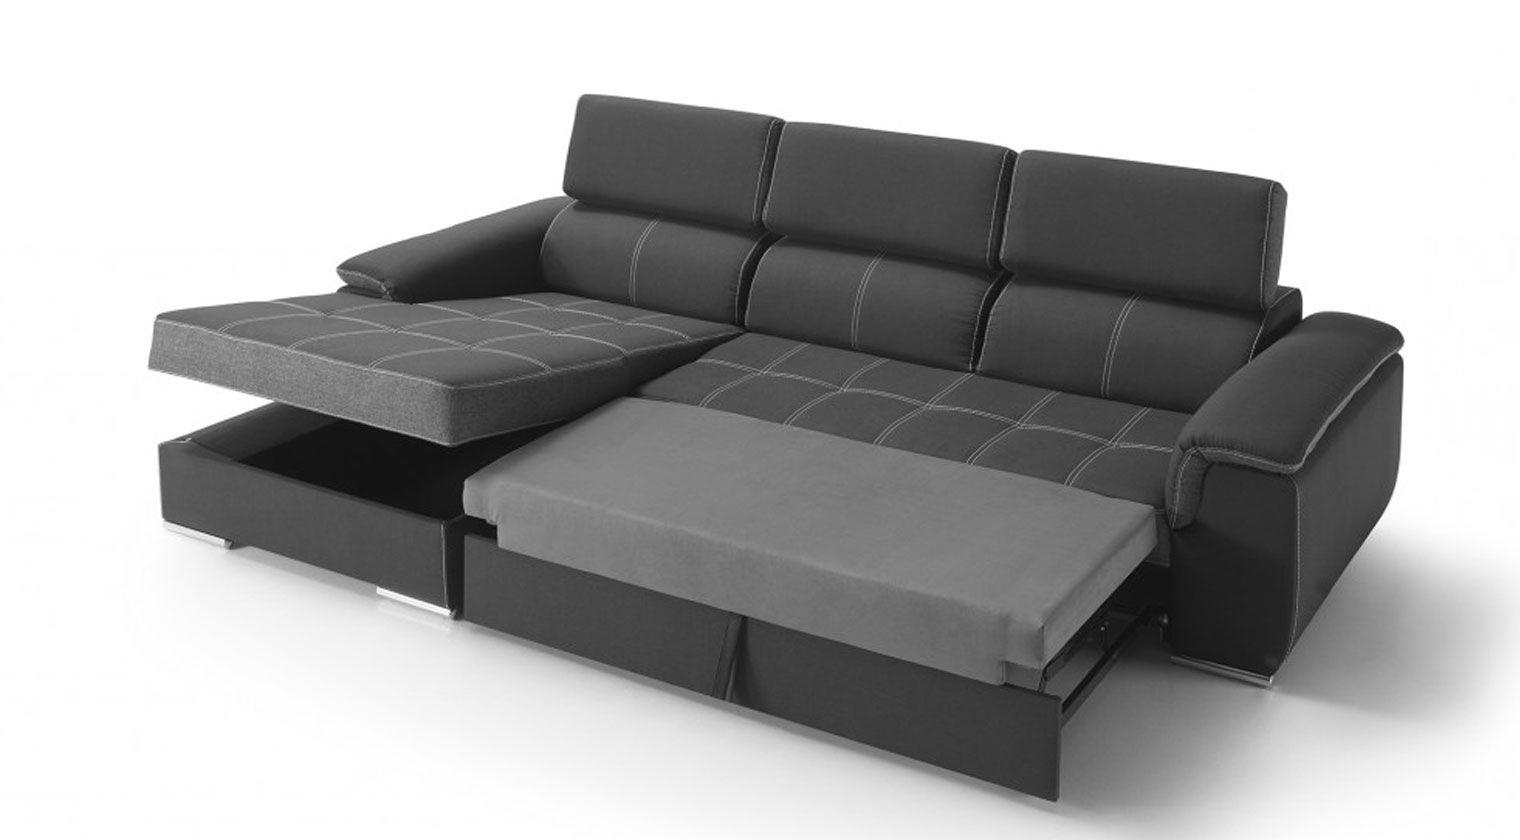 Sofa Cama Con Arcon U3dh Chaise Longue Kibo Fas Cama Extensible Nido